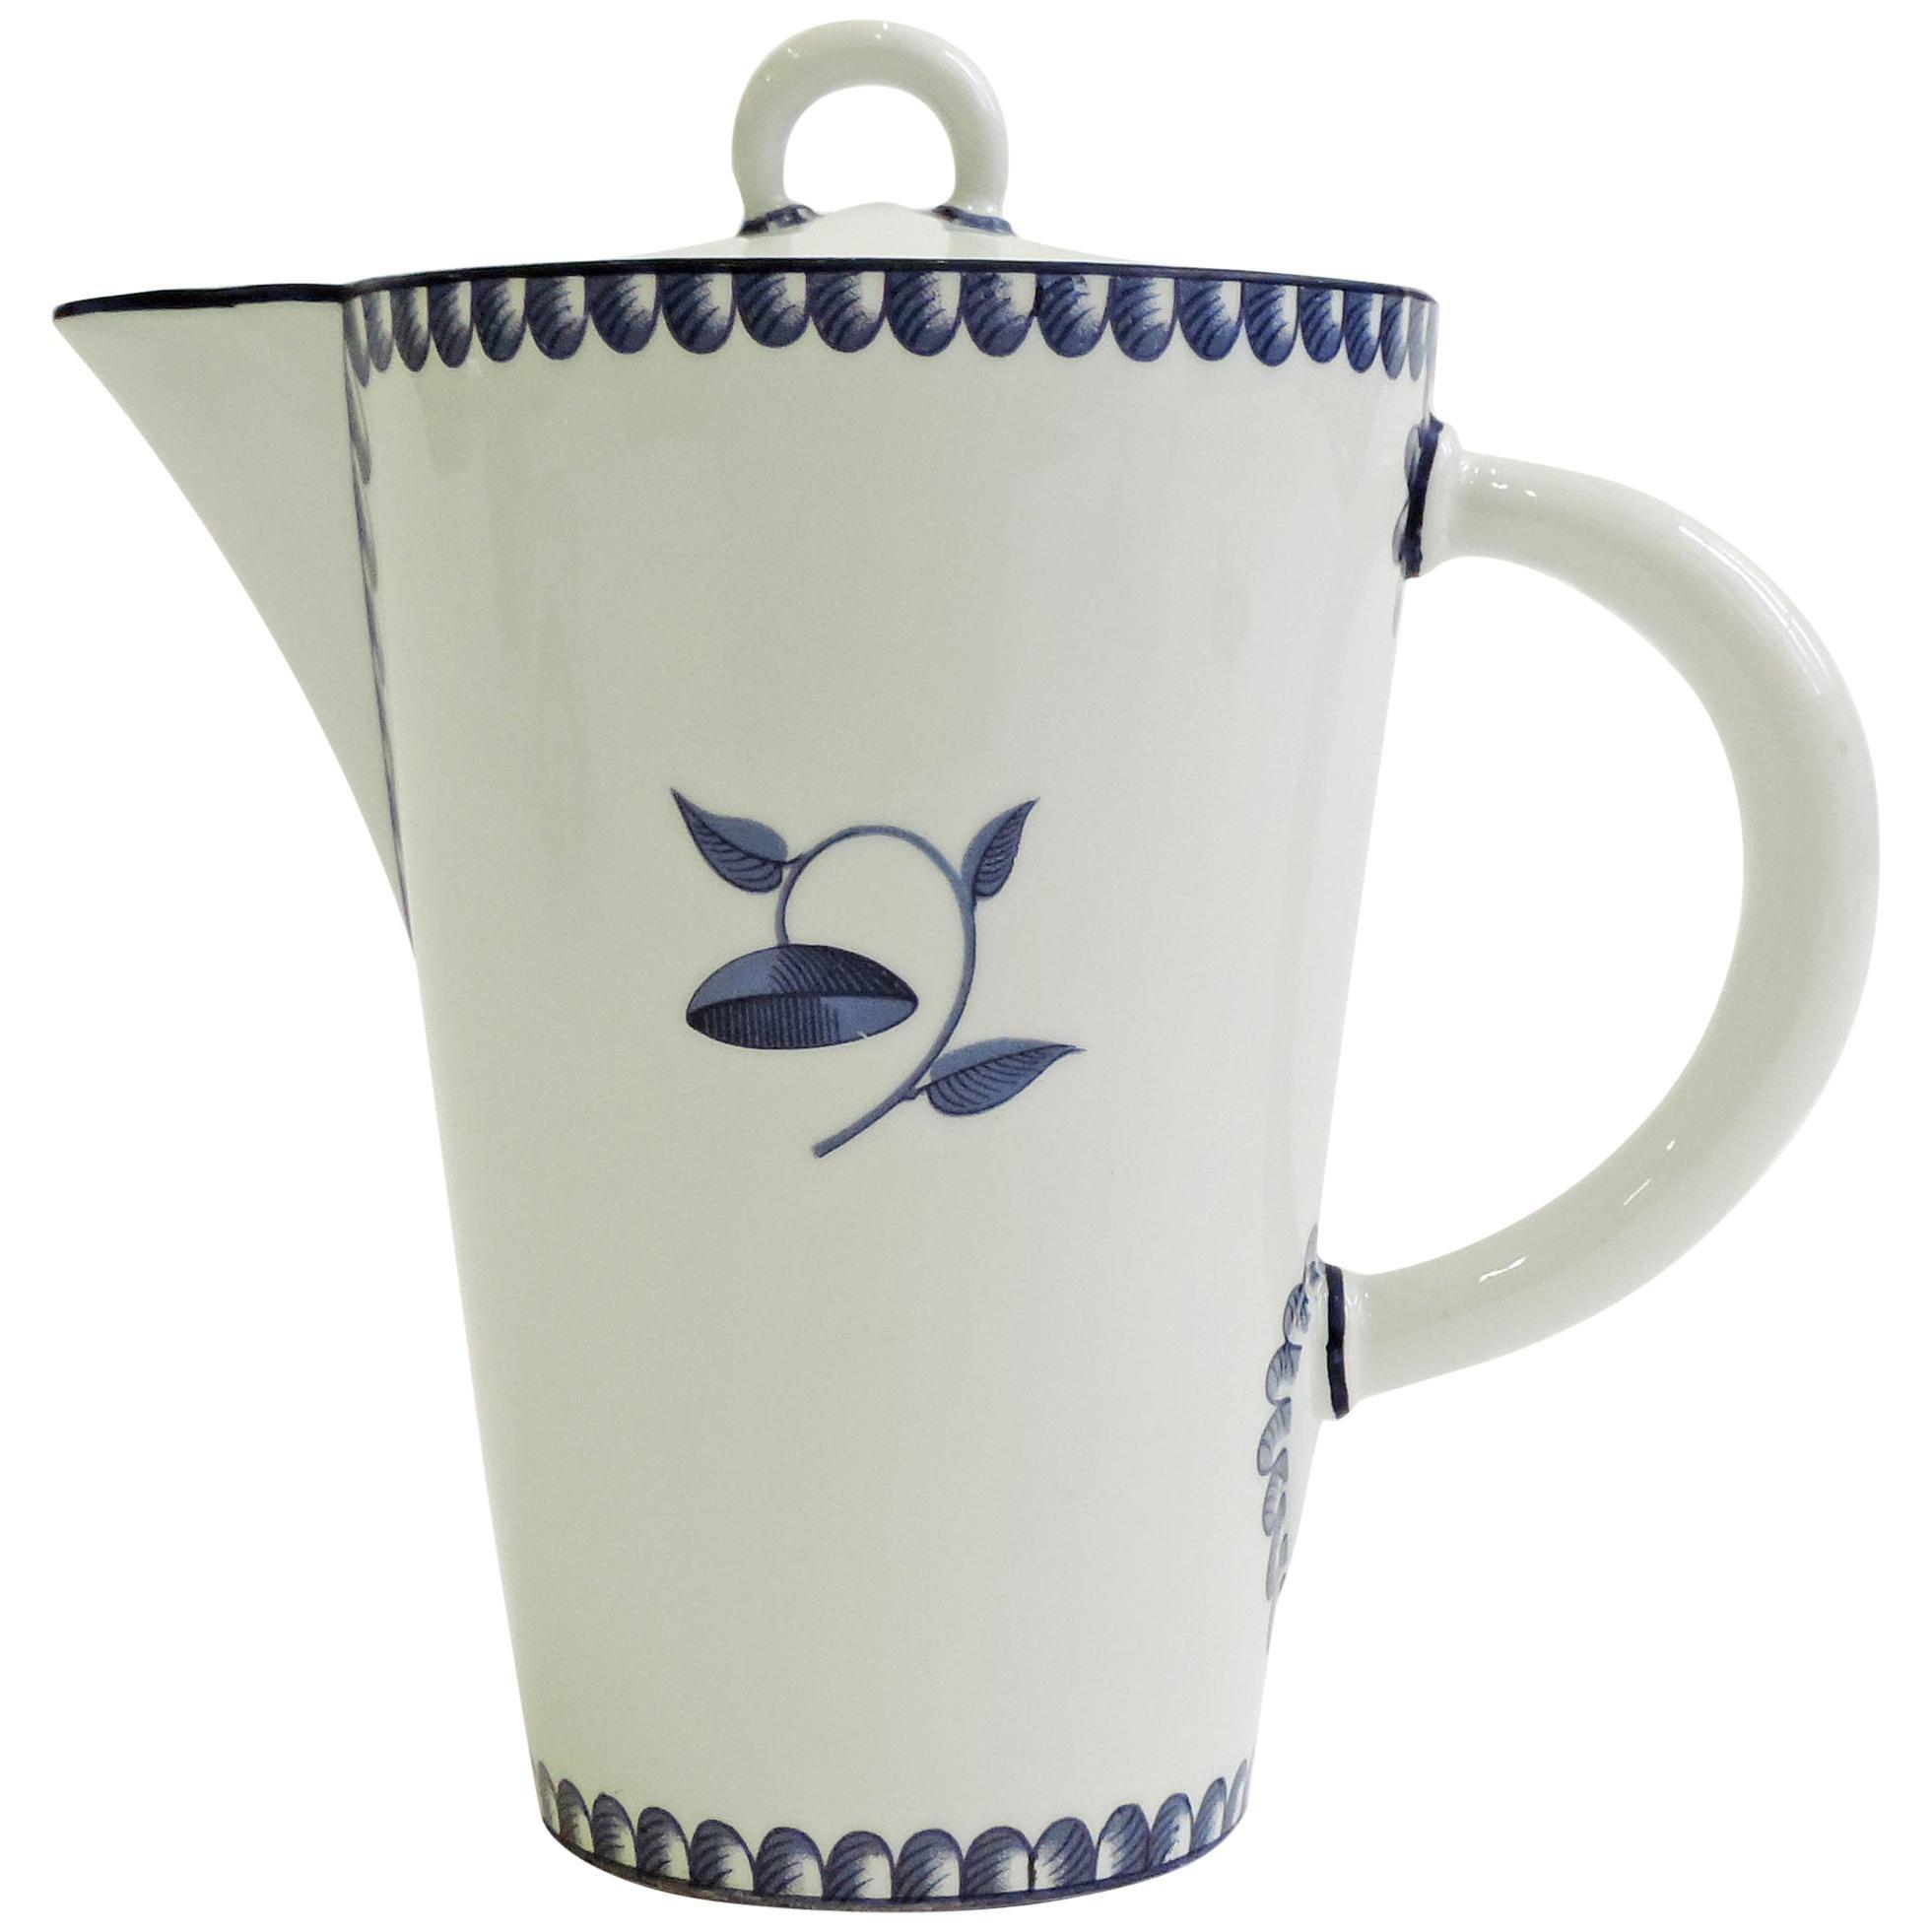 Gio Ponti Coffee Pot for Richard Ginori / Pittoria Di Doccia